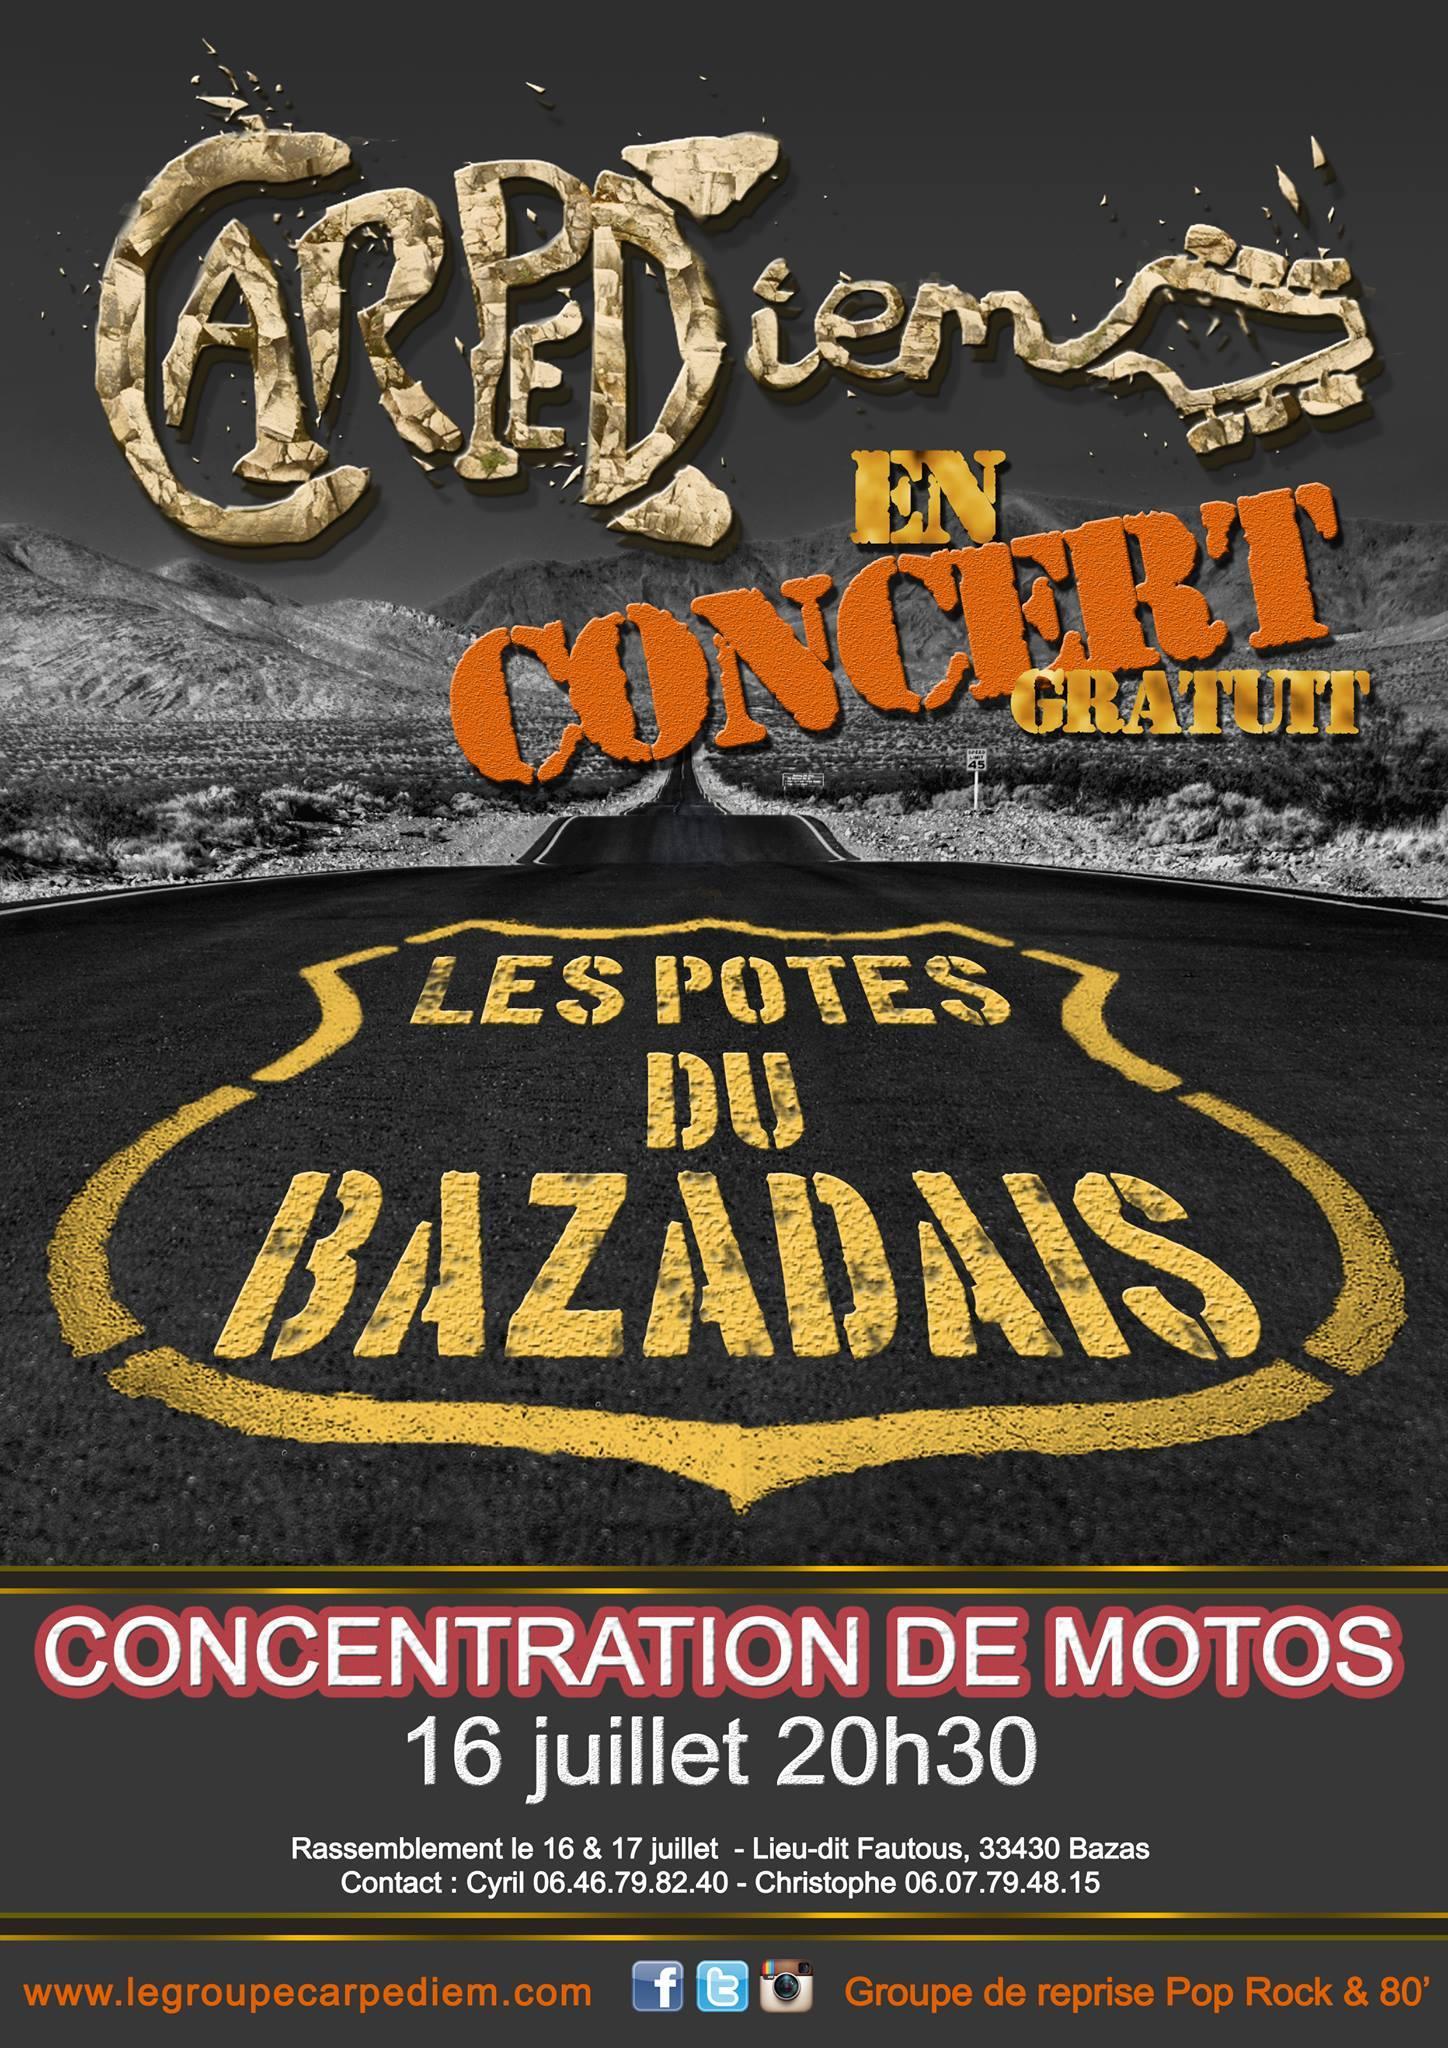 Concert-carpediem-les_potes_du_bazadais-rassemblement-motos